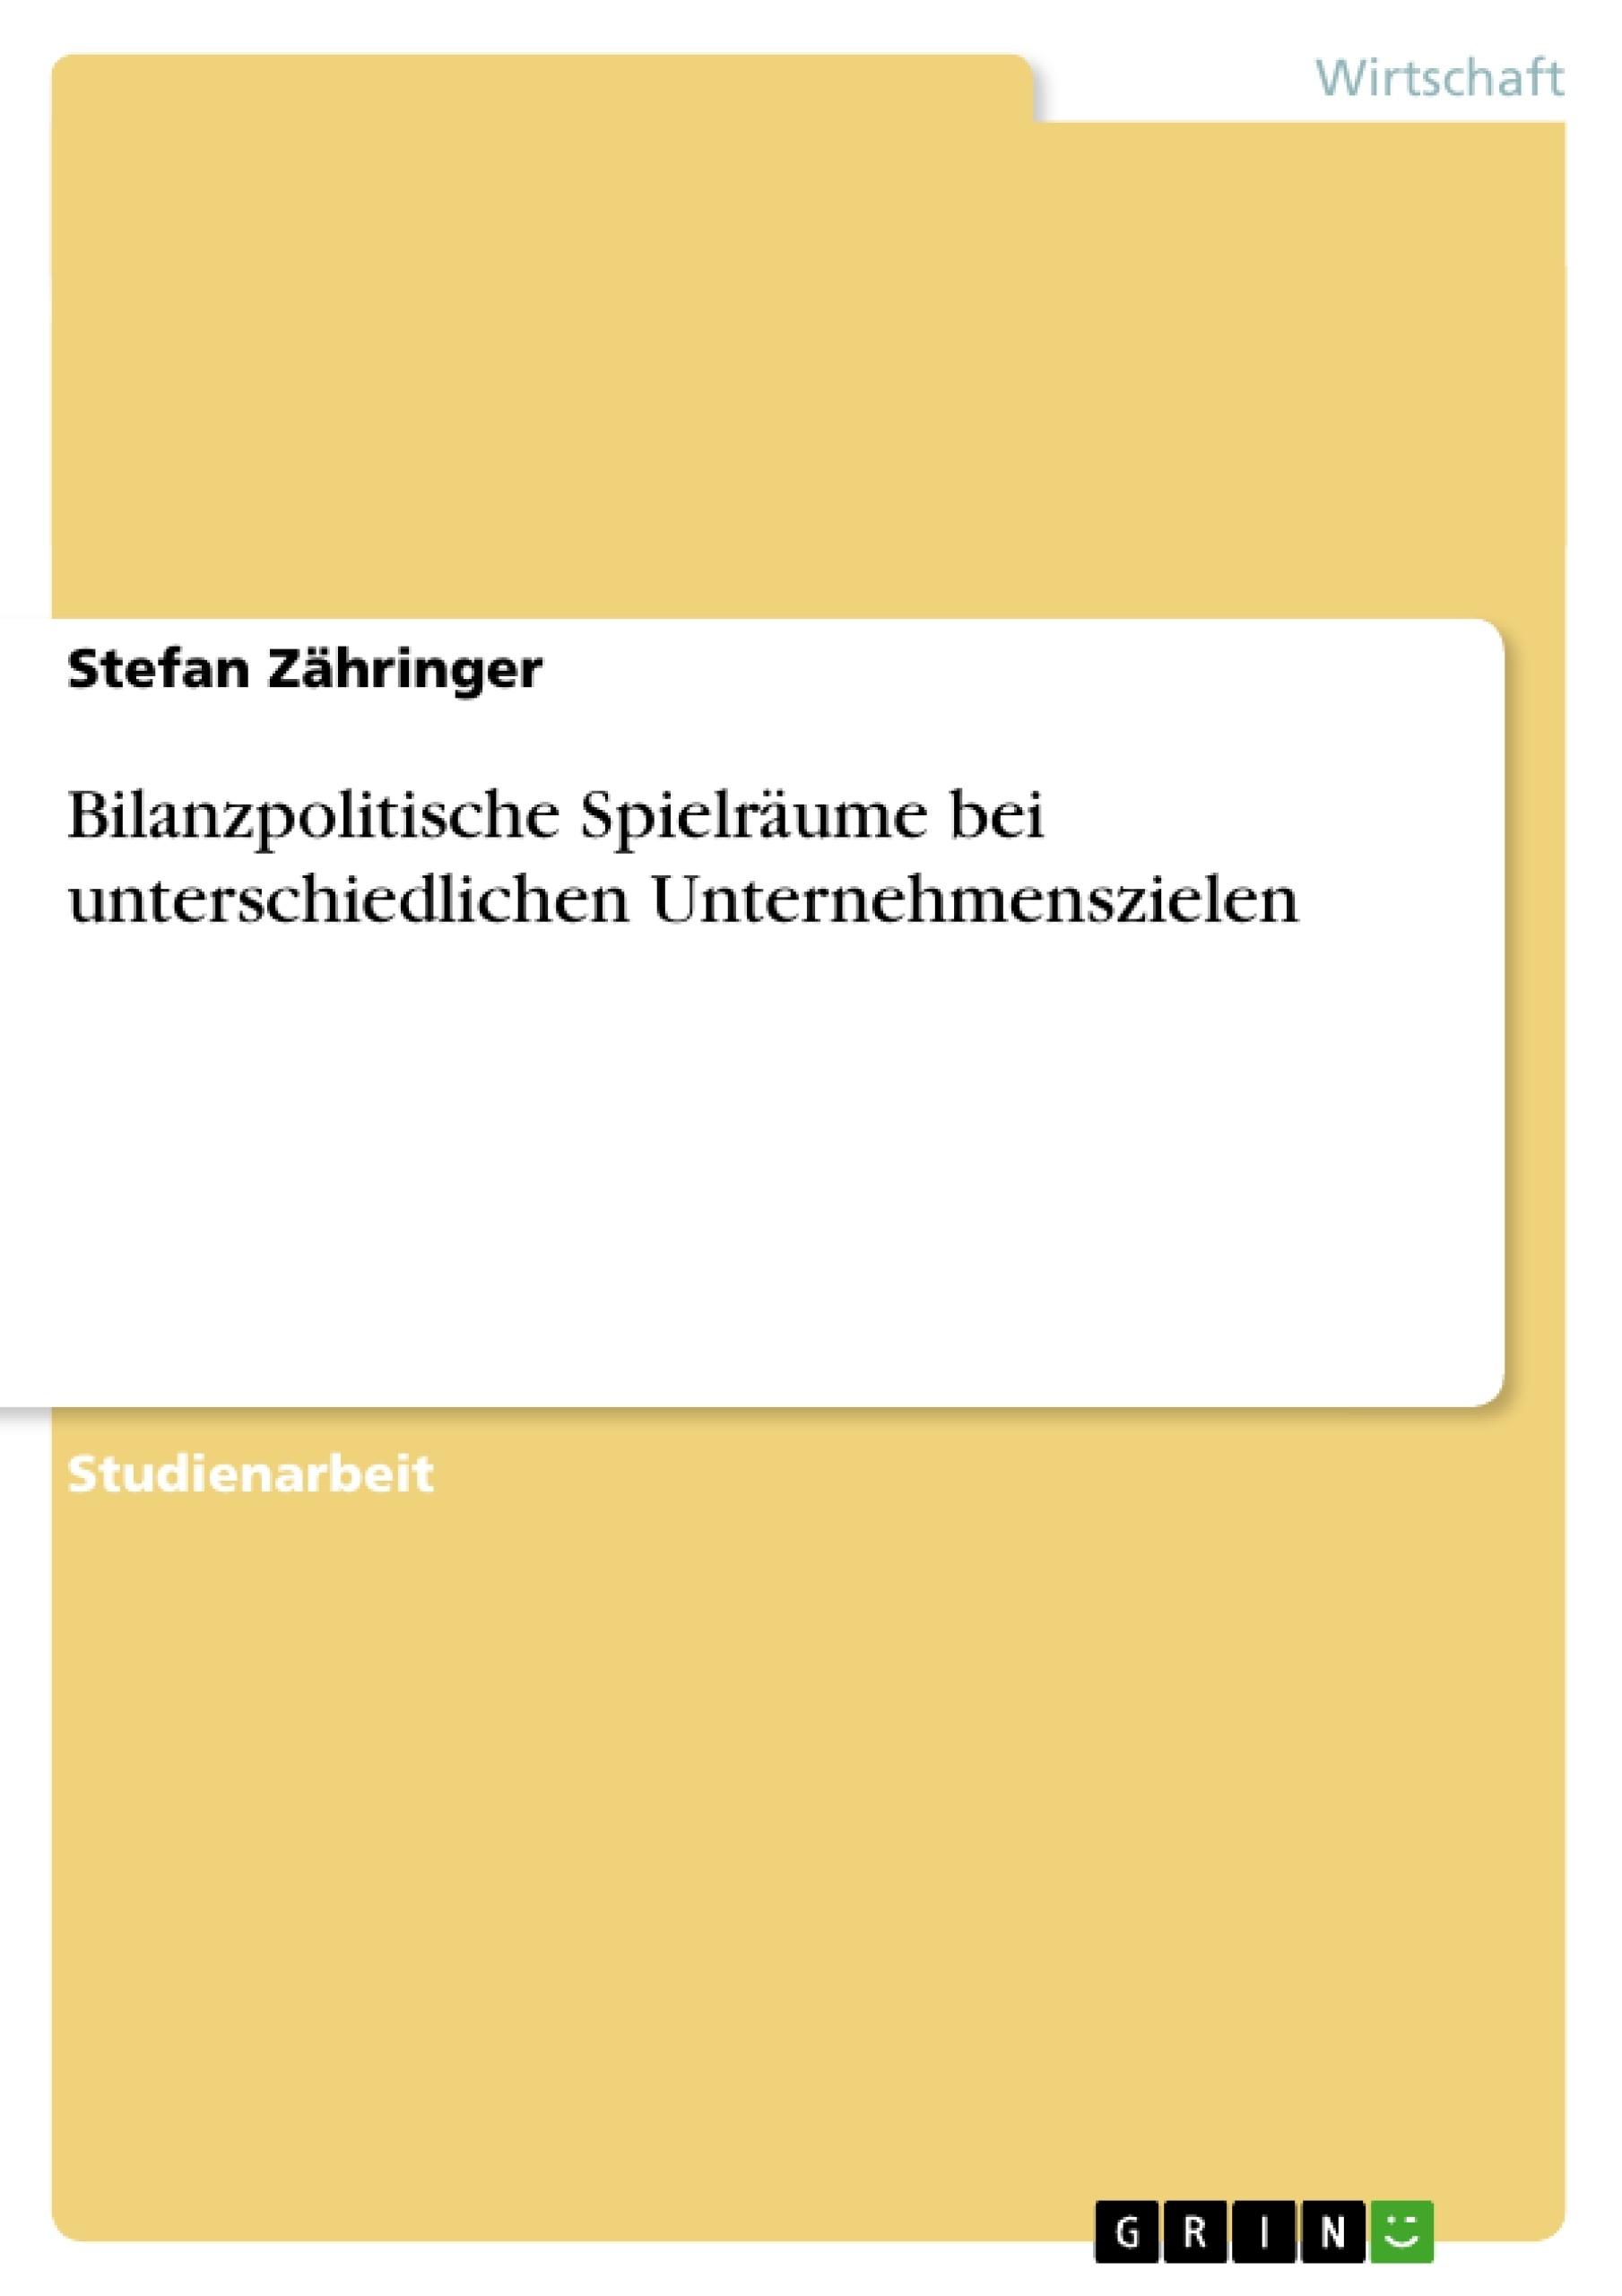 Titel: Bilanzpolitische Spielräume bei unterschiedlichen Unternehmenszielen